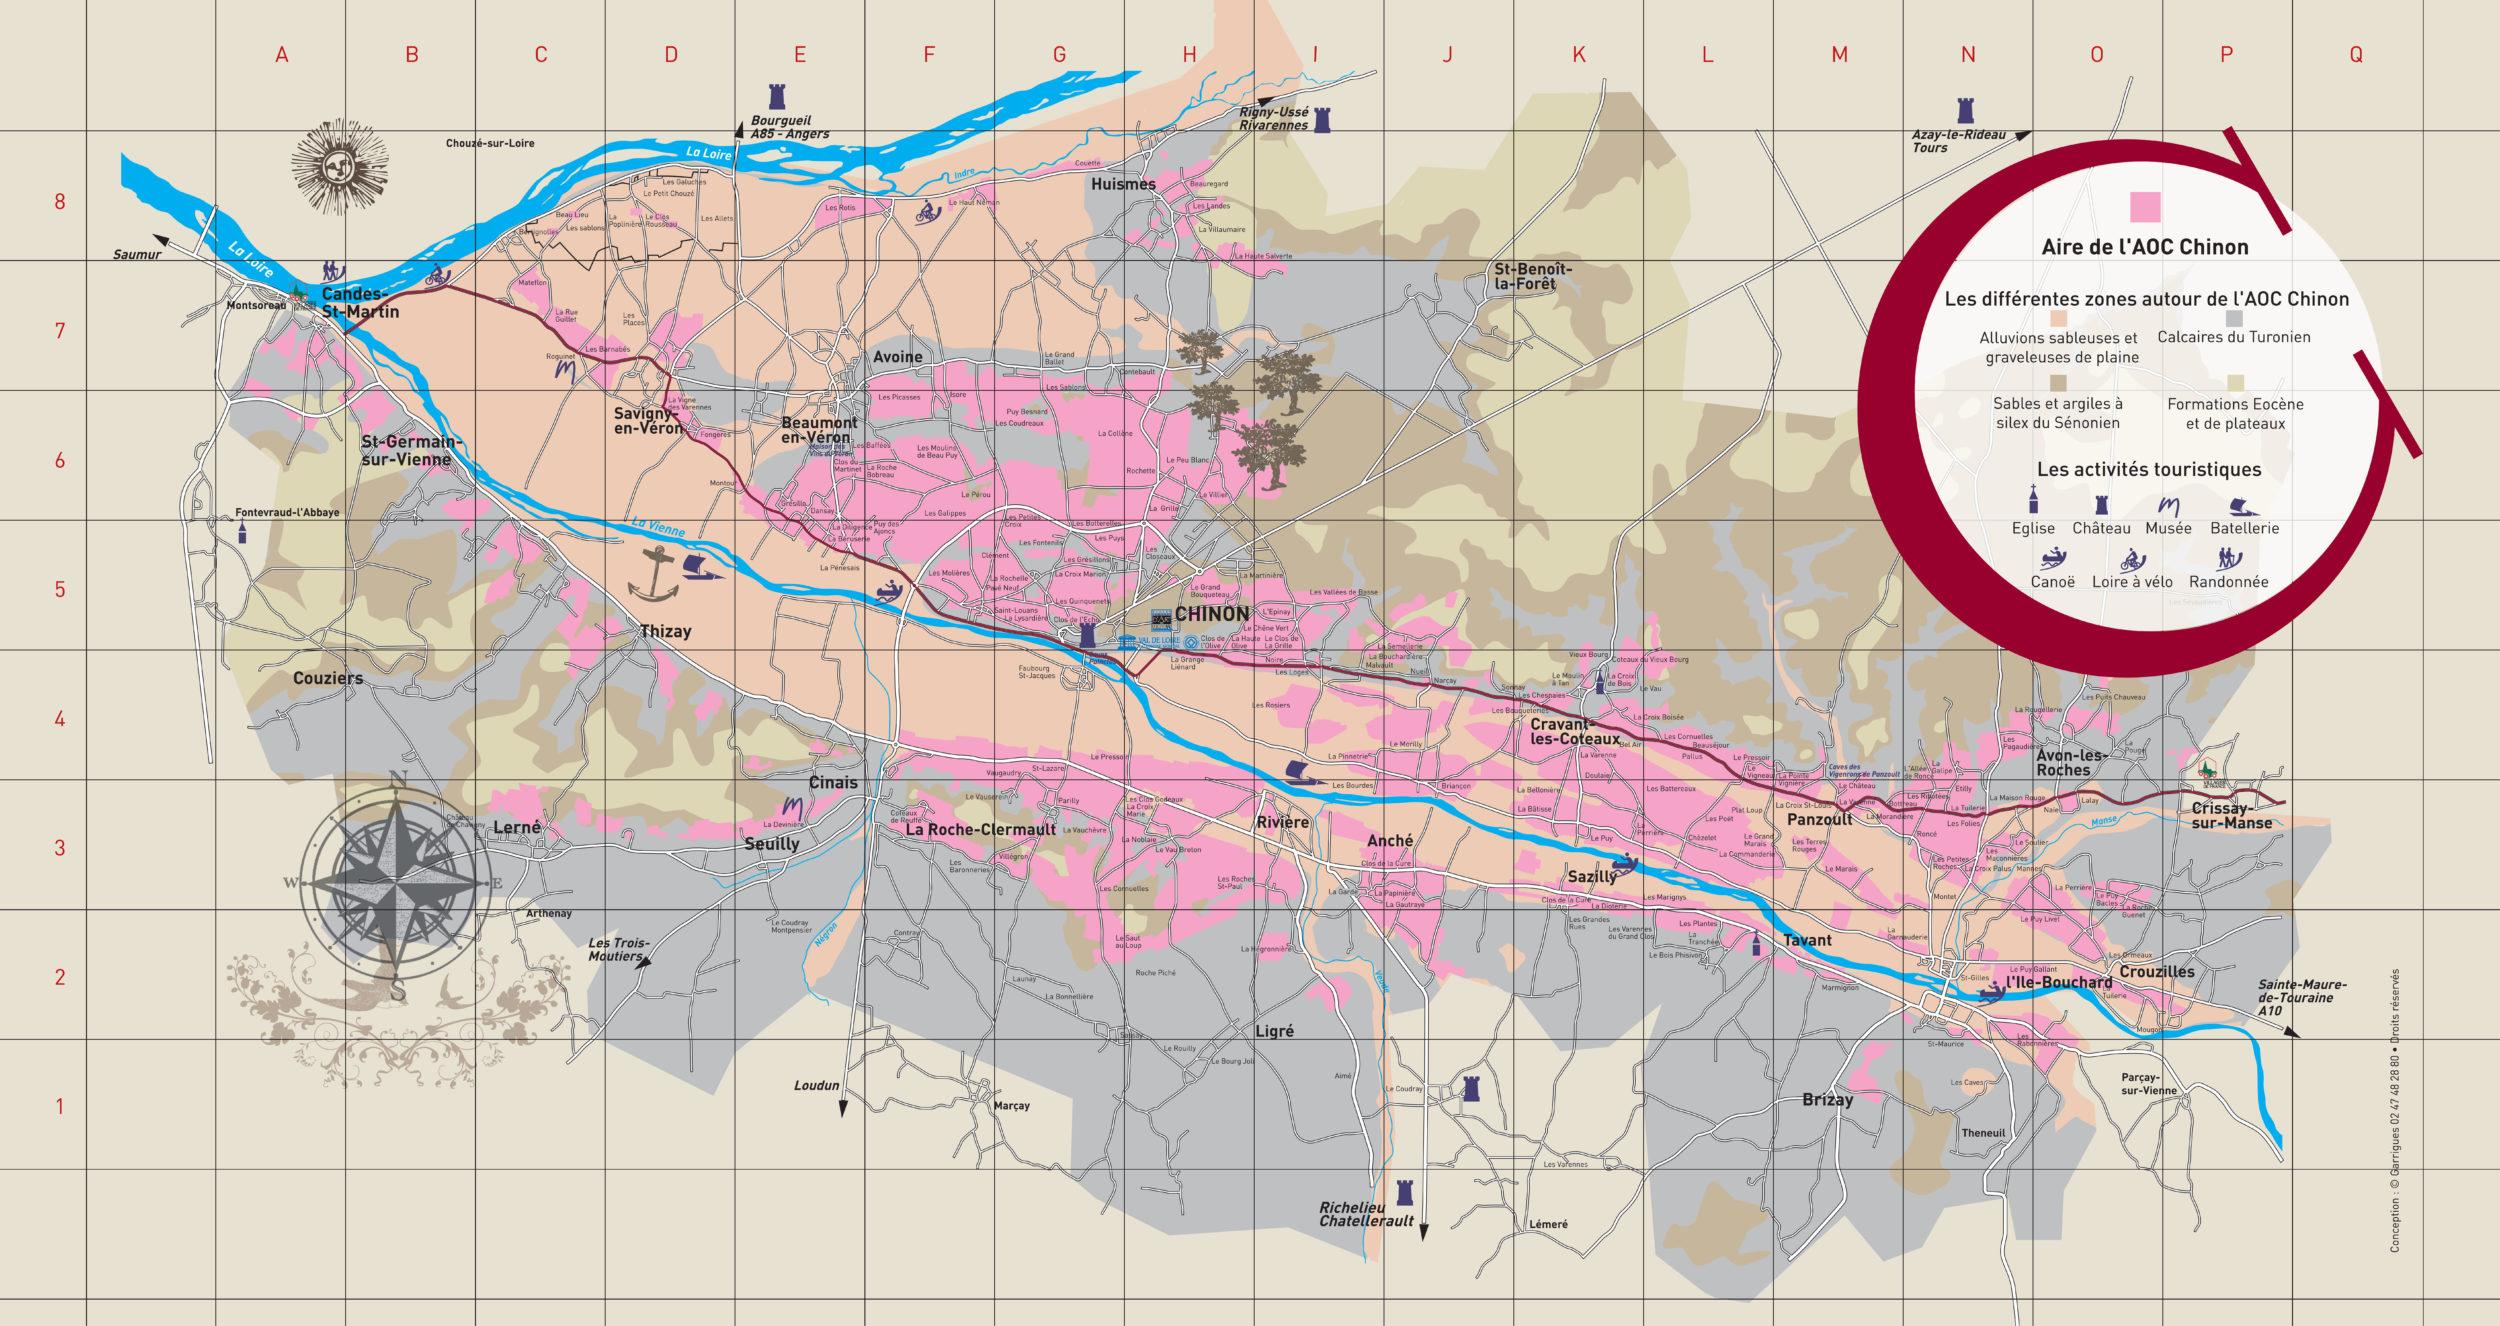 Carte de l'AOC Chinon